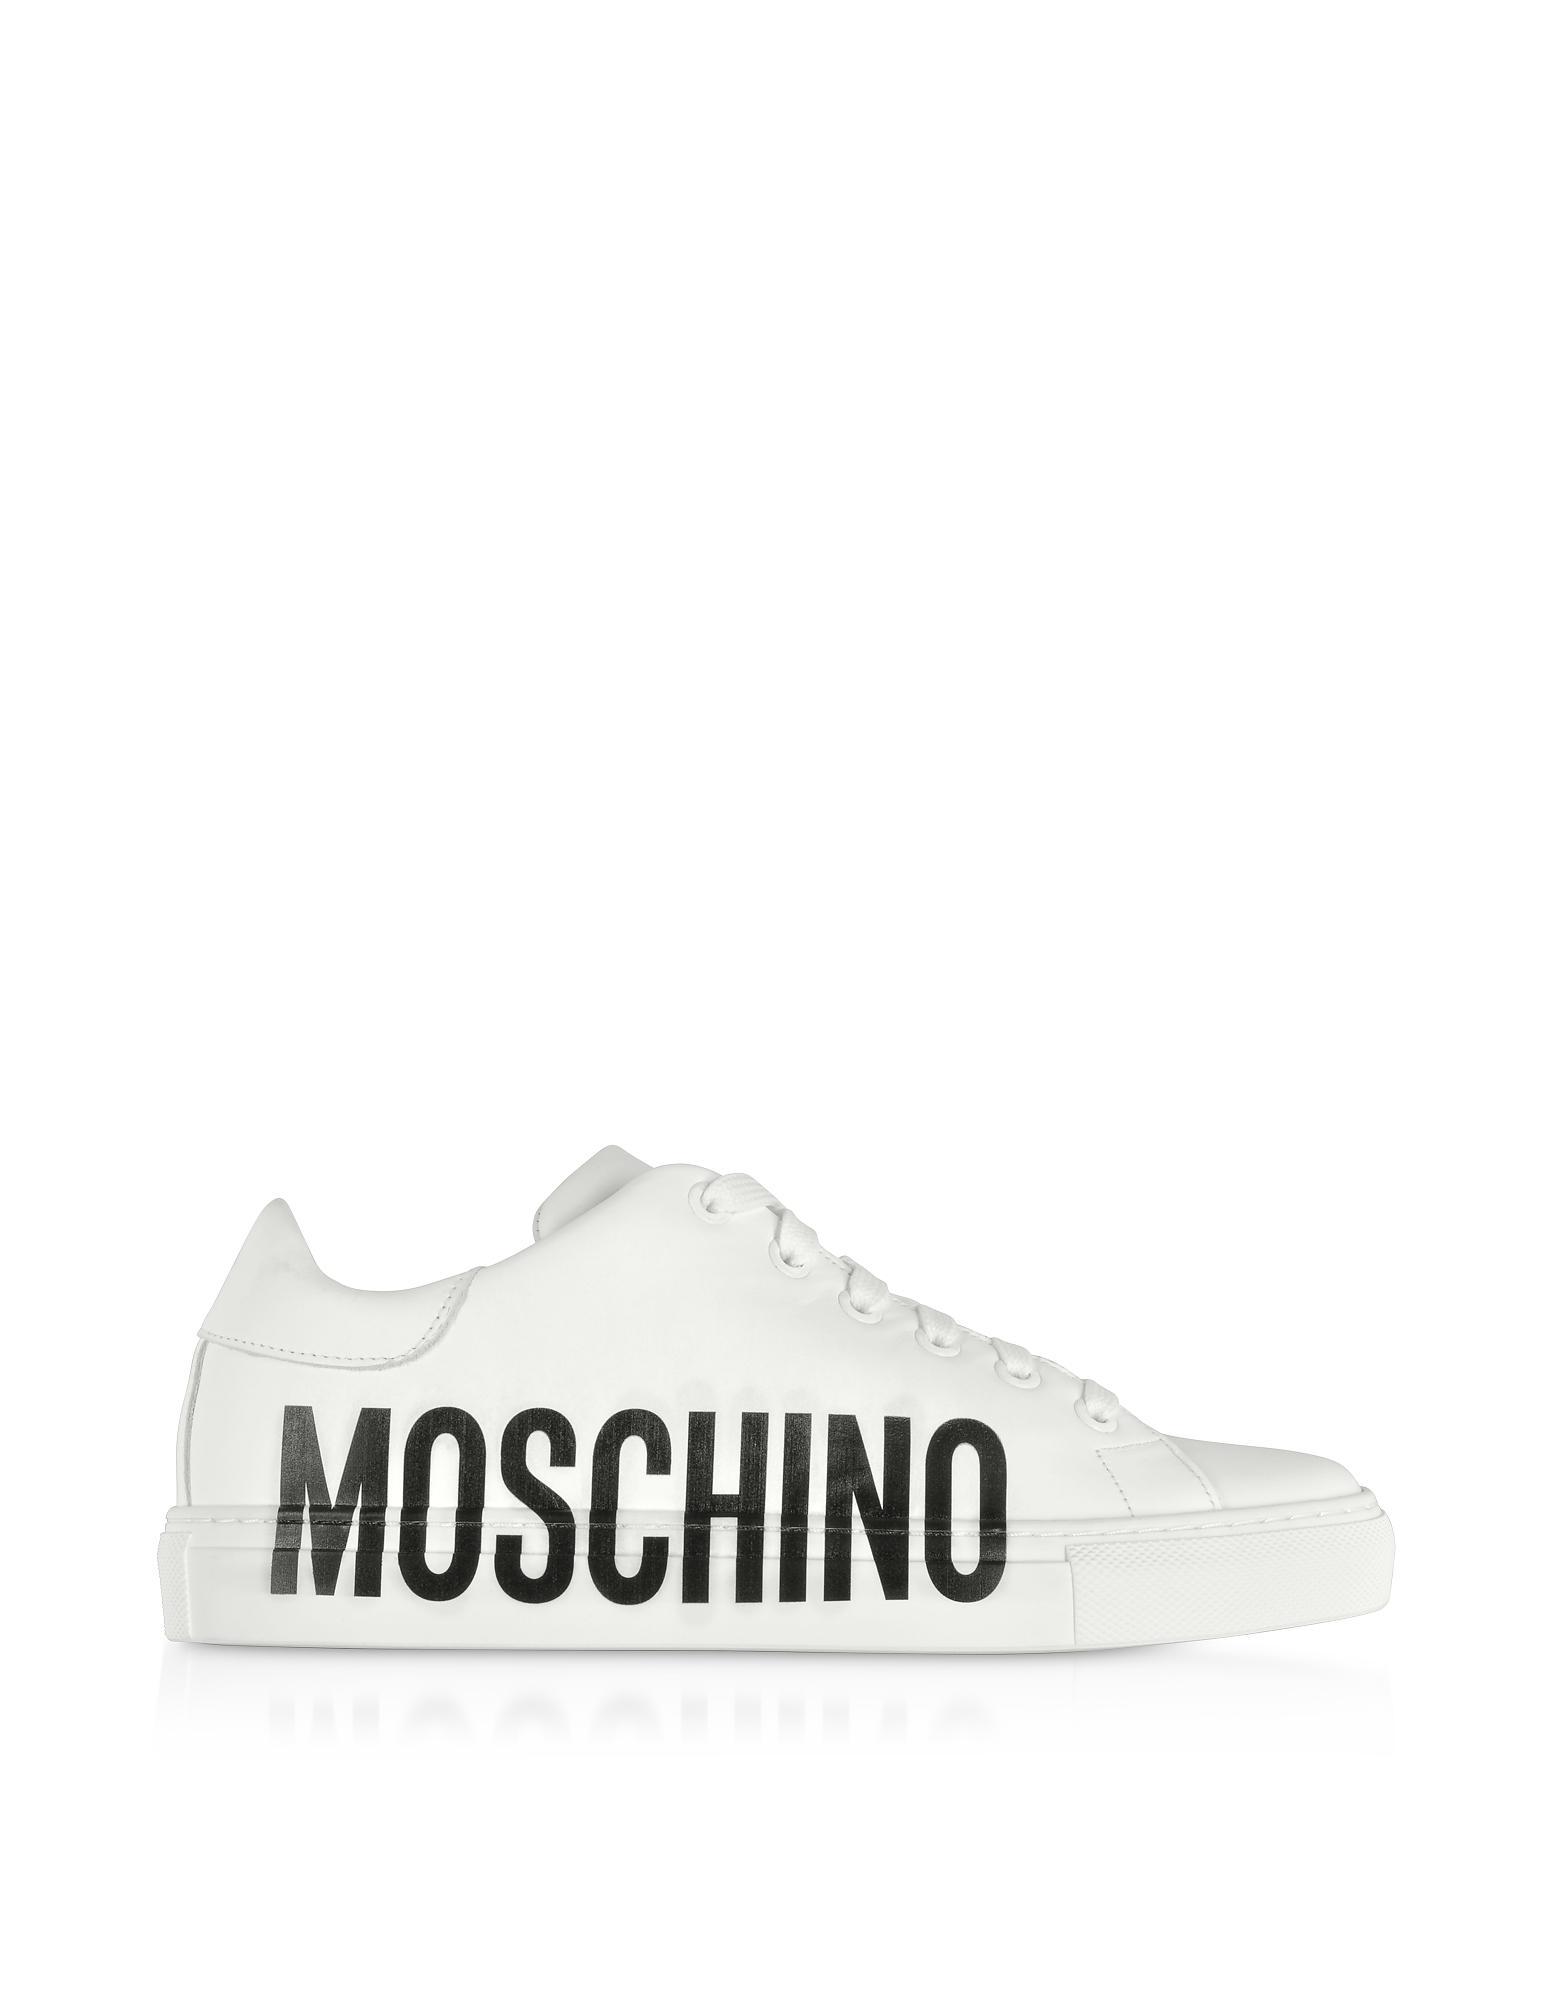 Zapatillas con logo estampado Moschino de Cuero de color Blanco